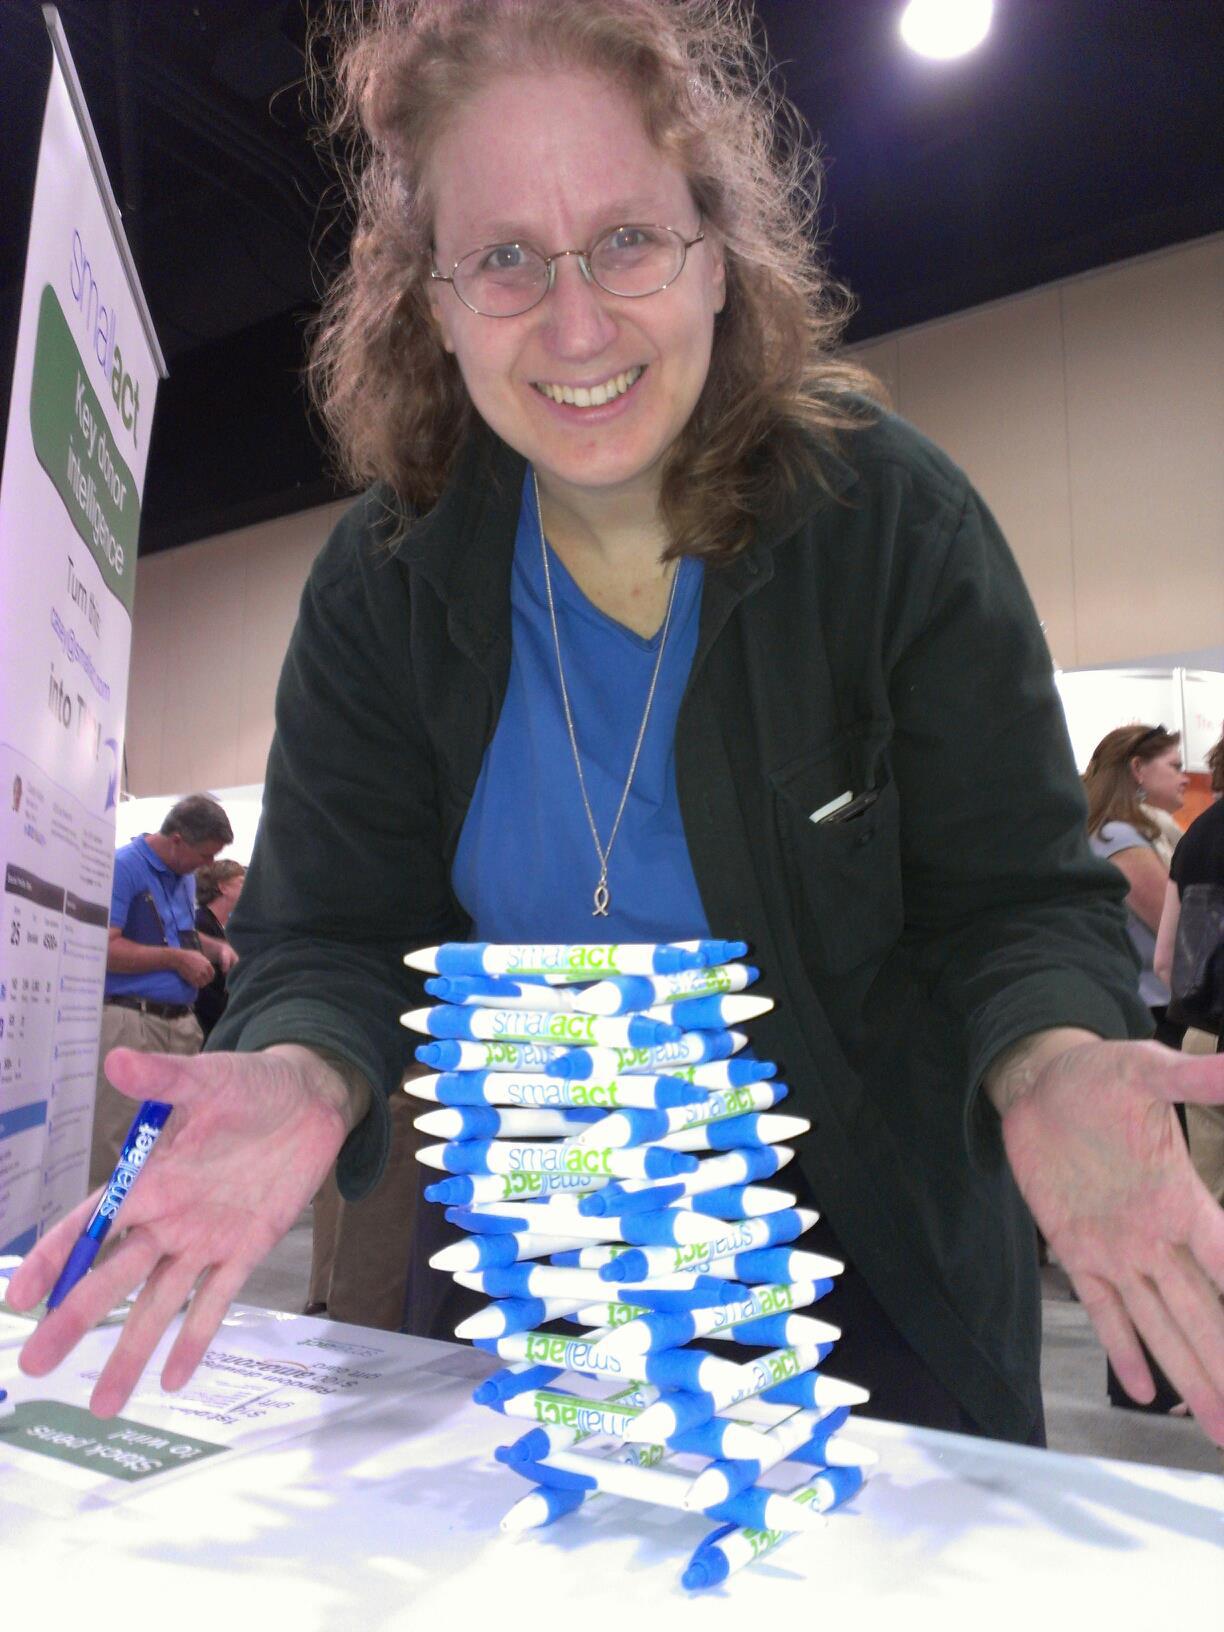 Sharon stacking pens